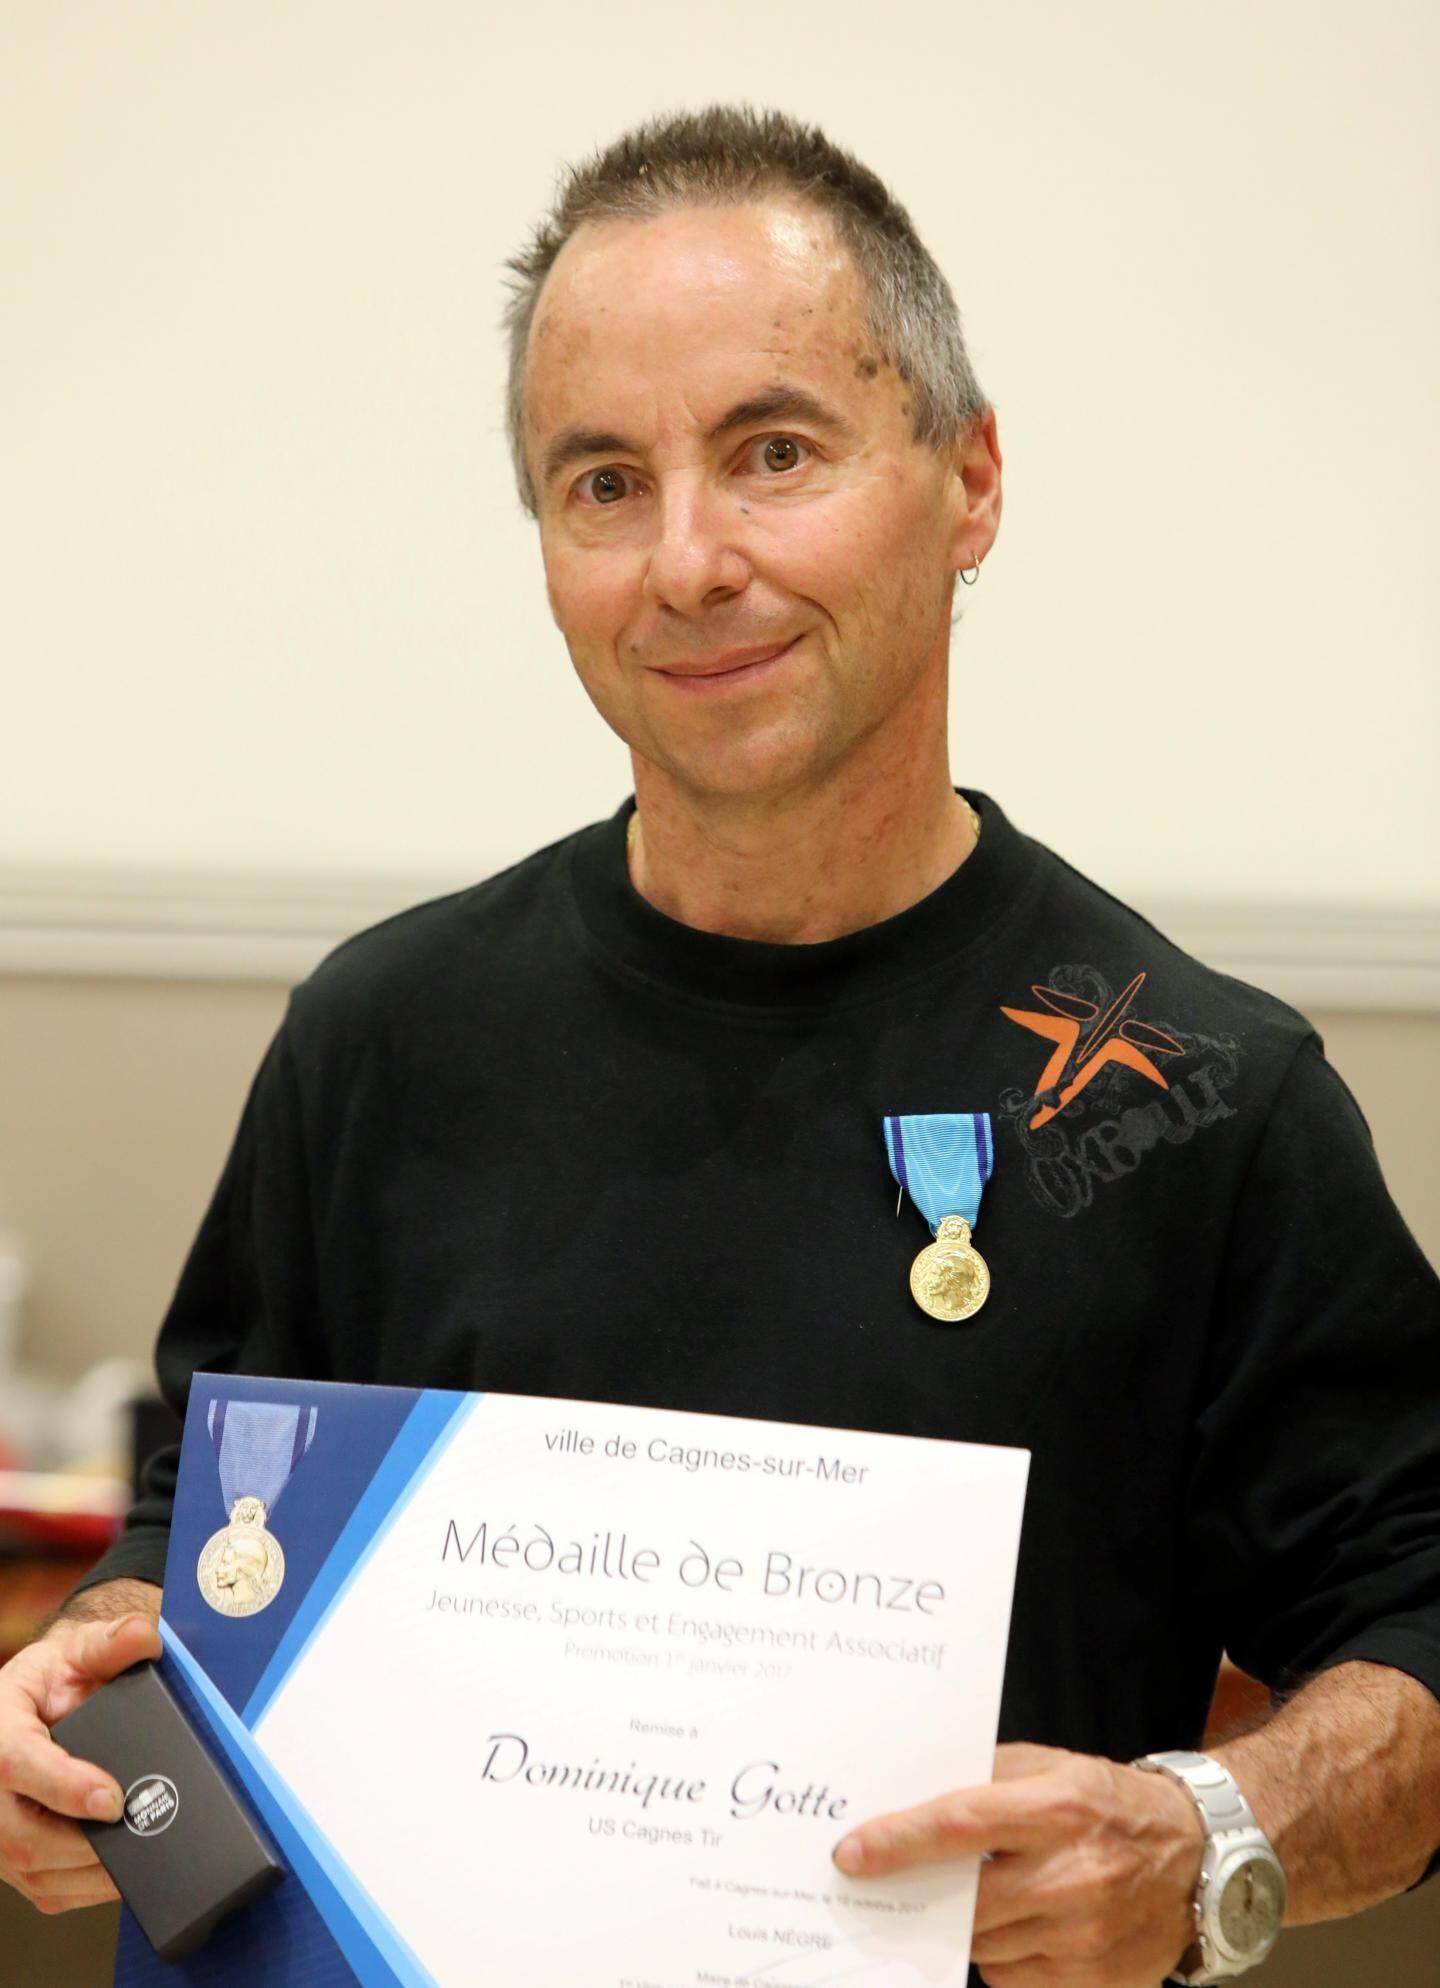 Dominique Gotté, USC Tir : bronze